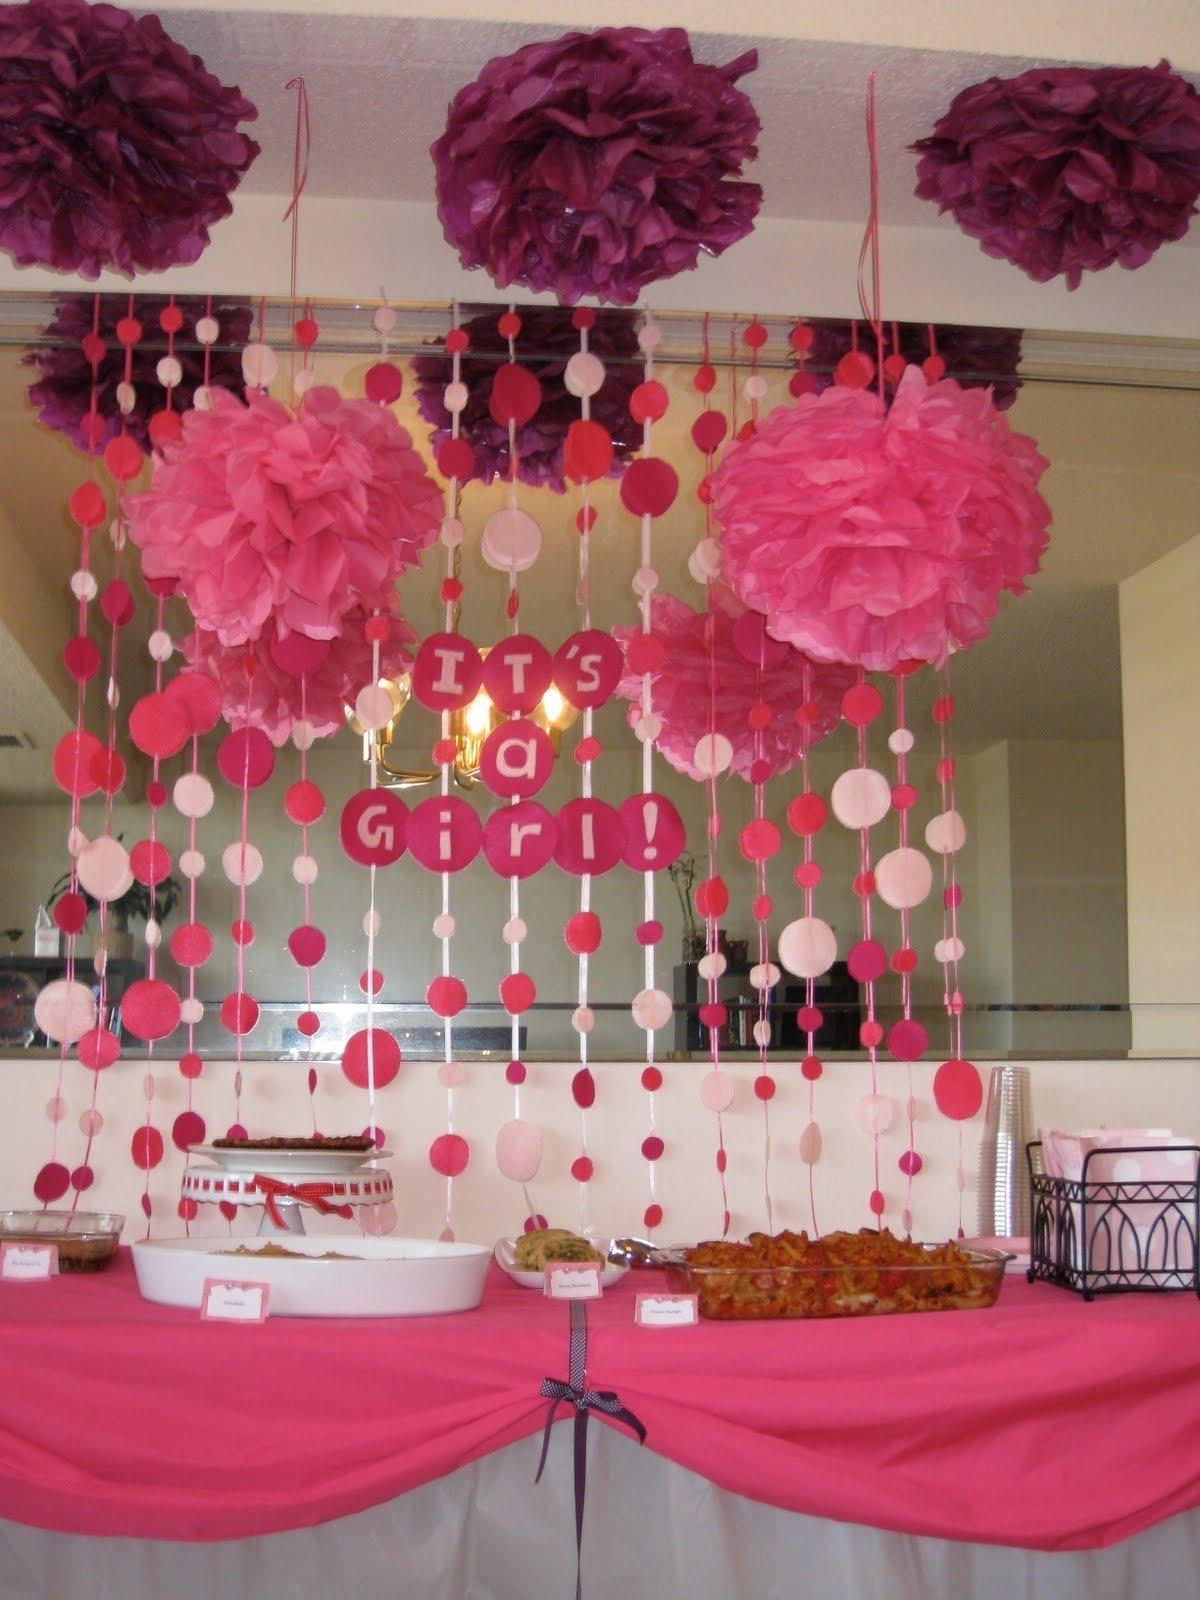 10 Fabulous Baby Shower Favor Ideas Girl girl baby shower decorations ideas e280a2 baby showers ideas 1 2020